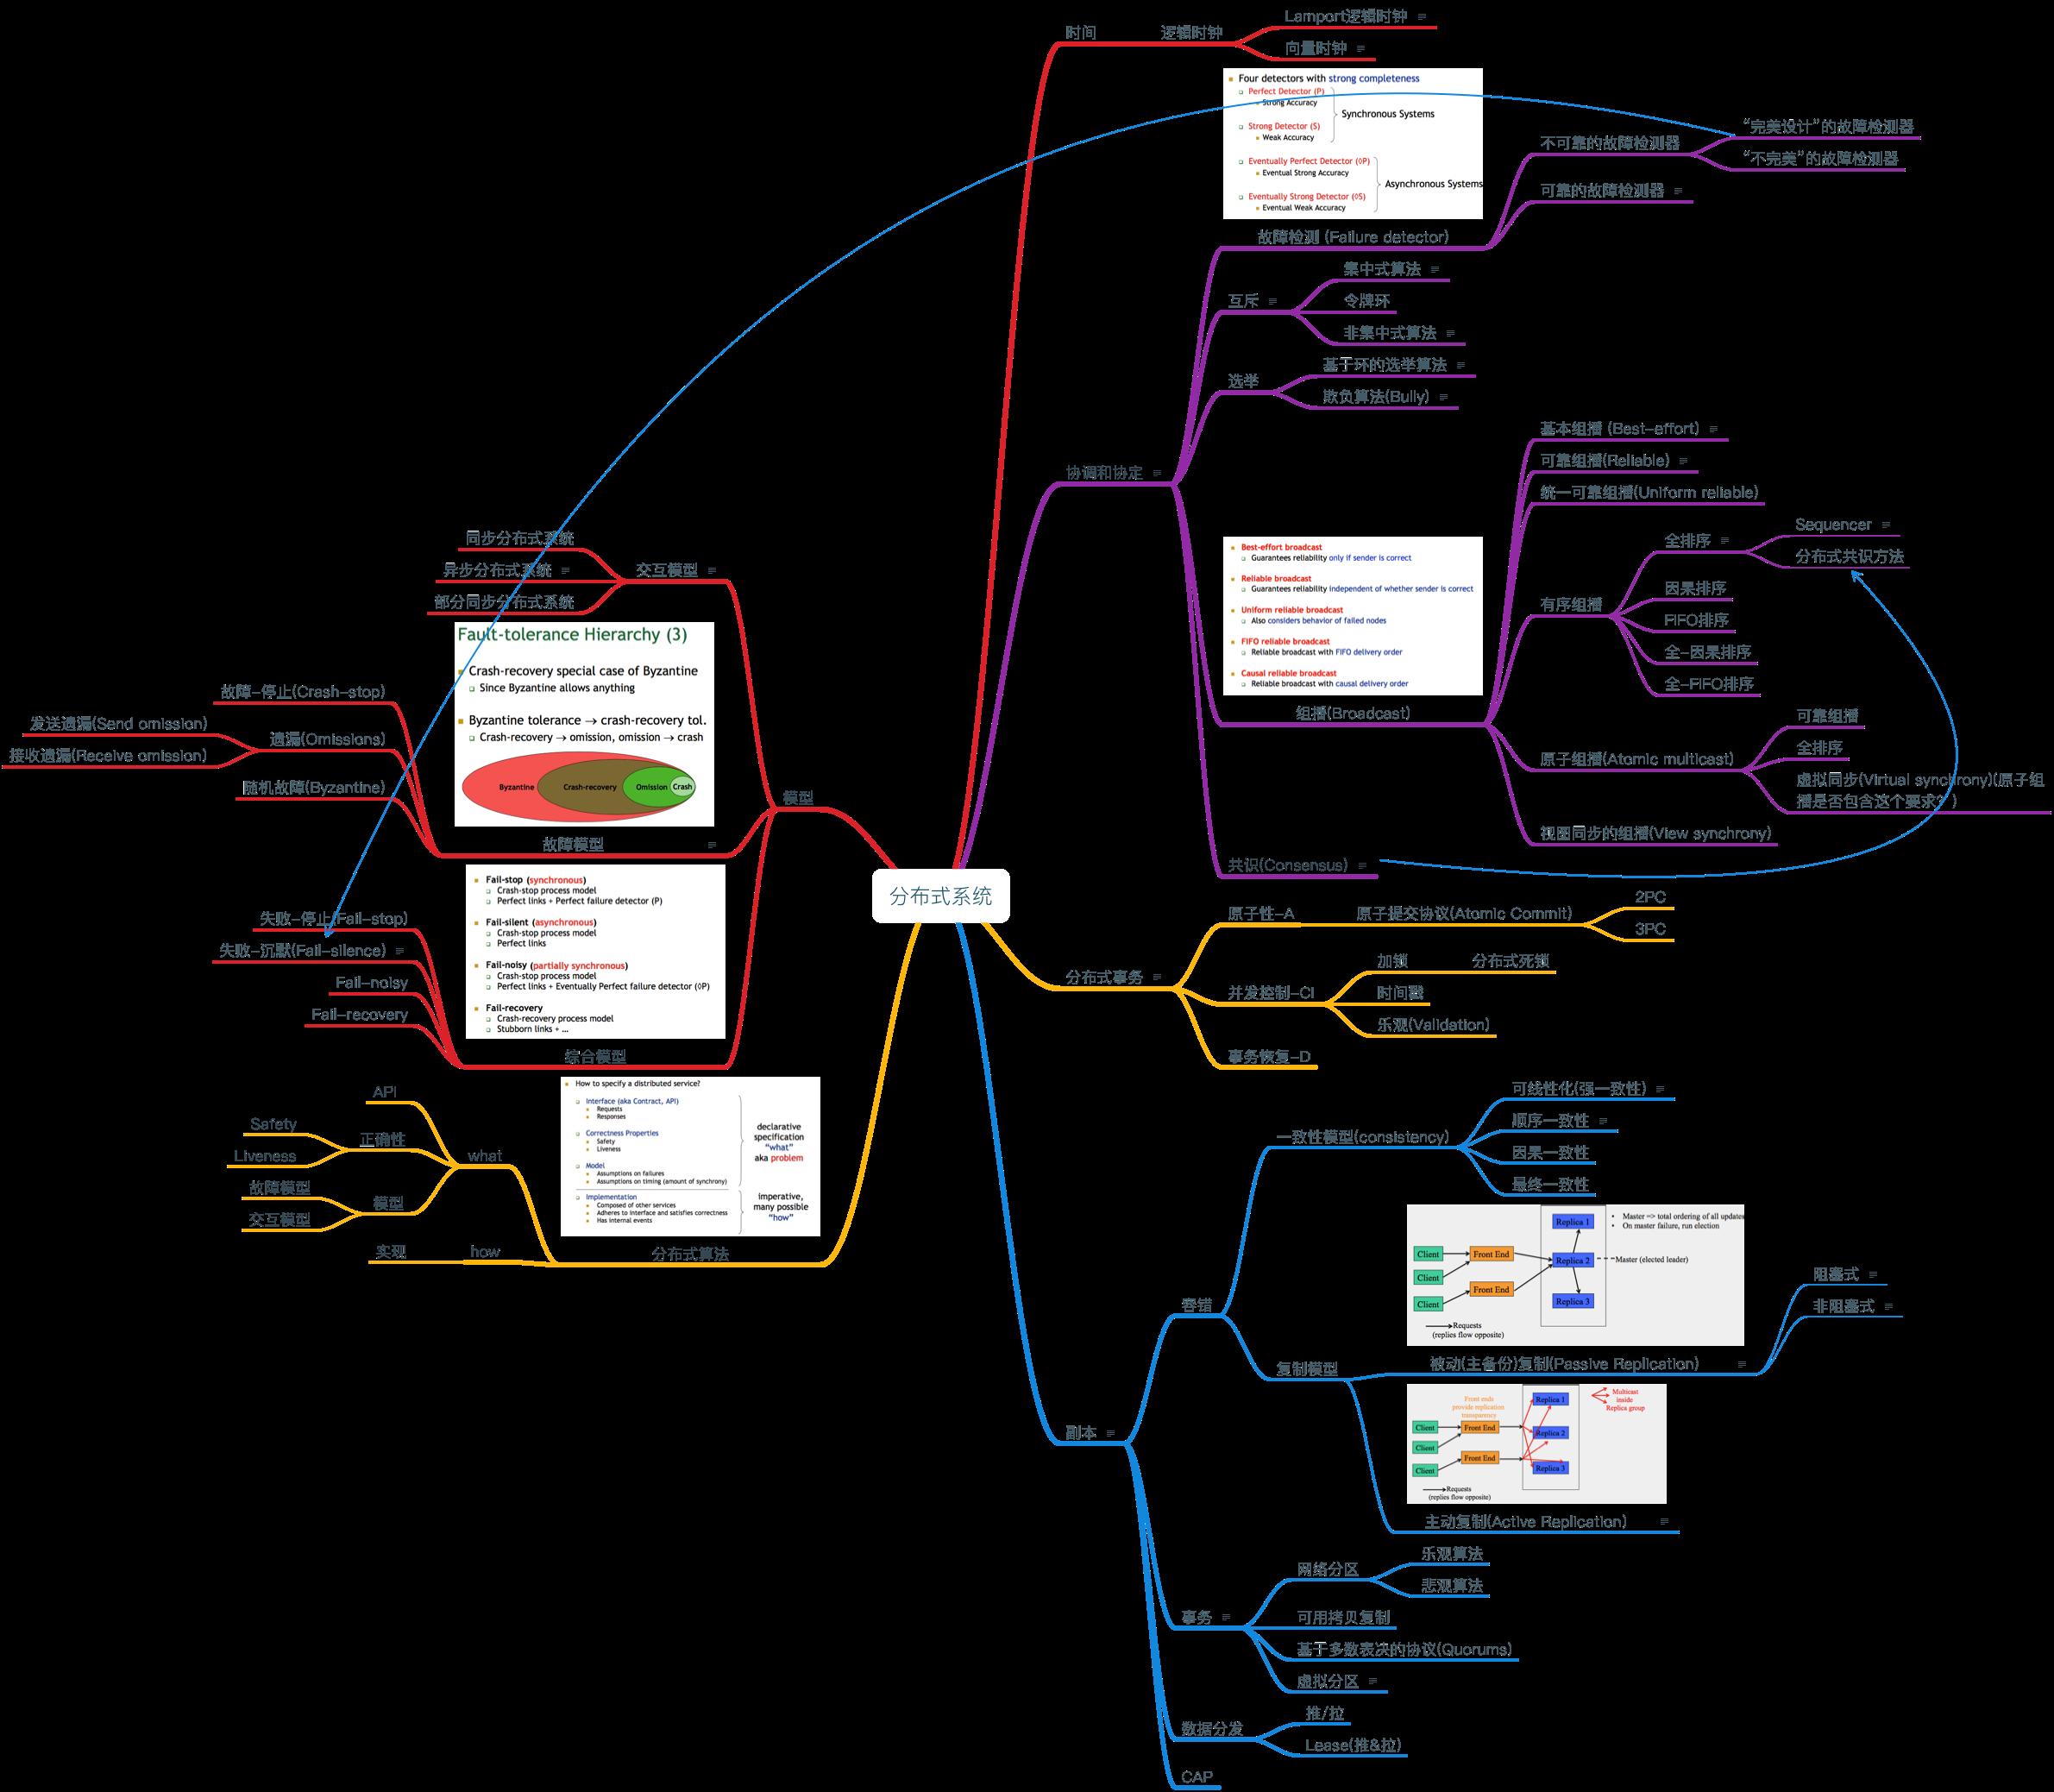 分布式系统知识梳理